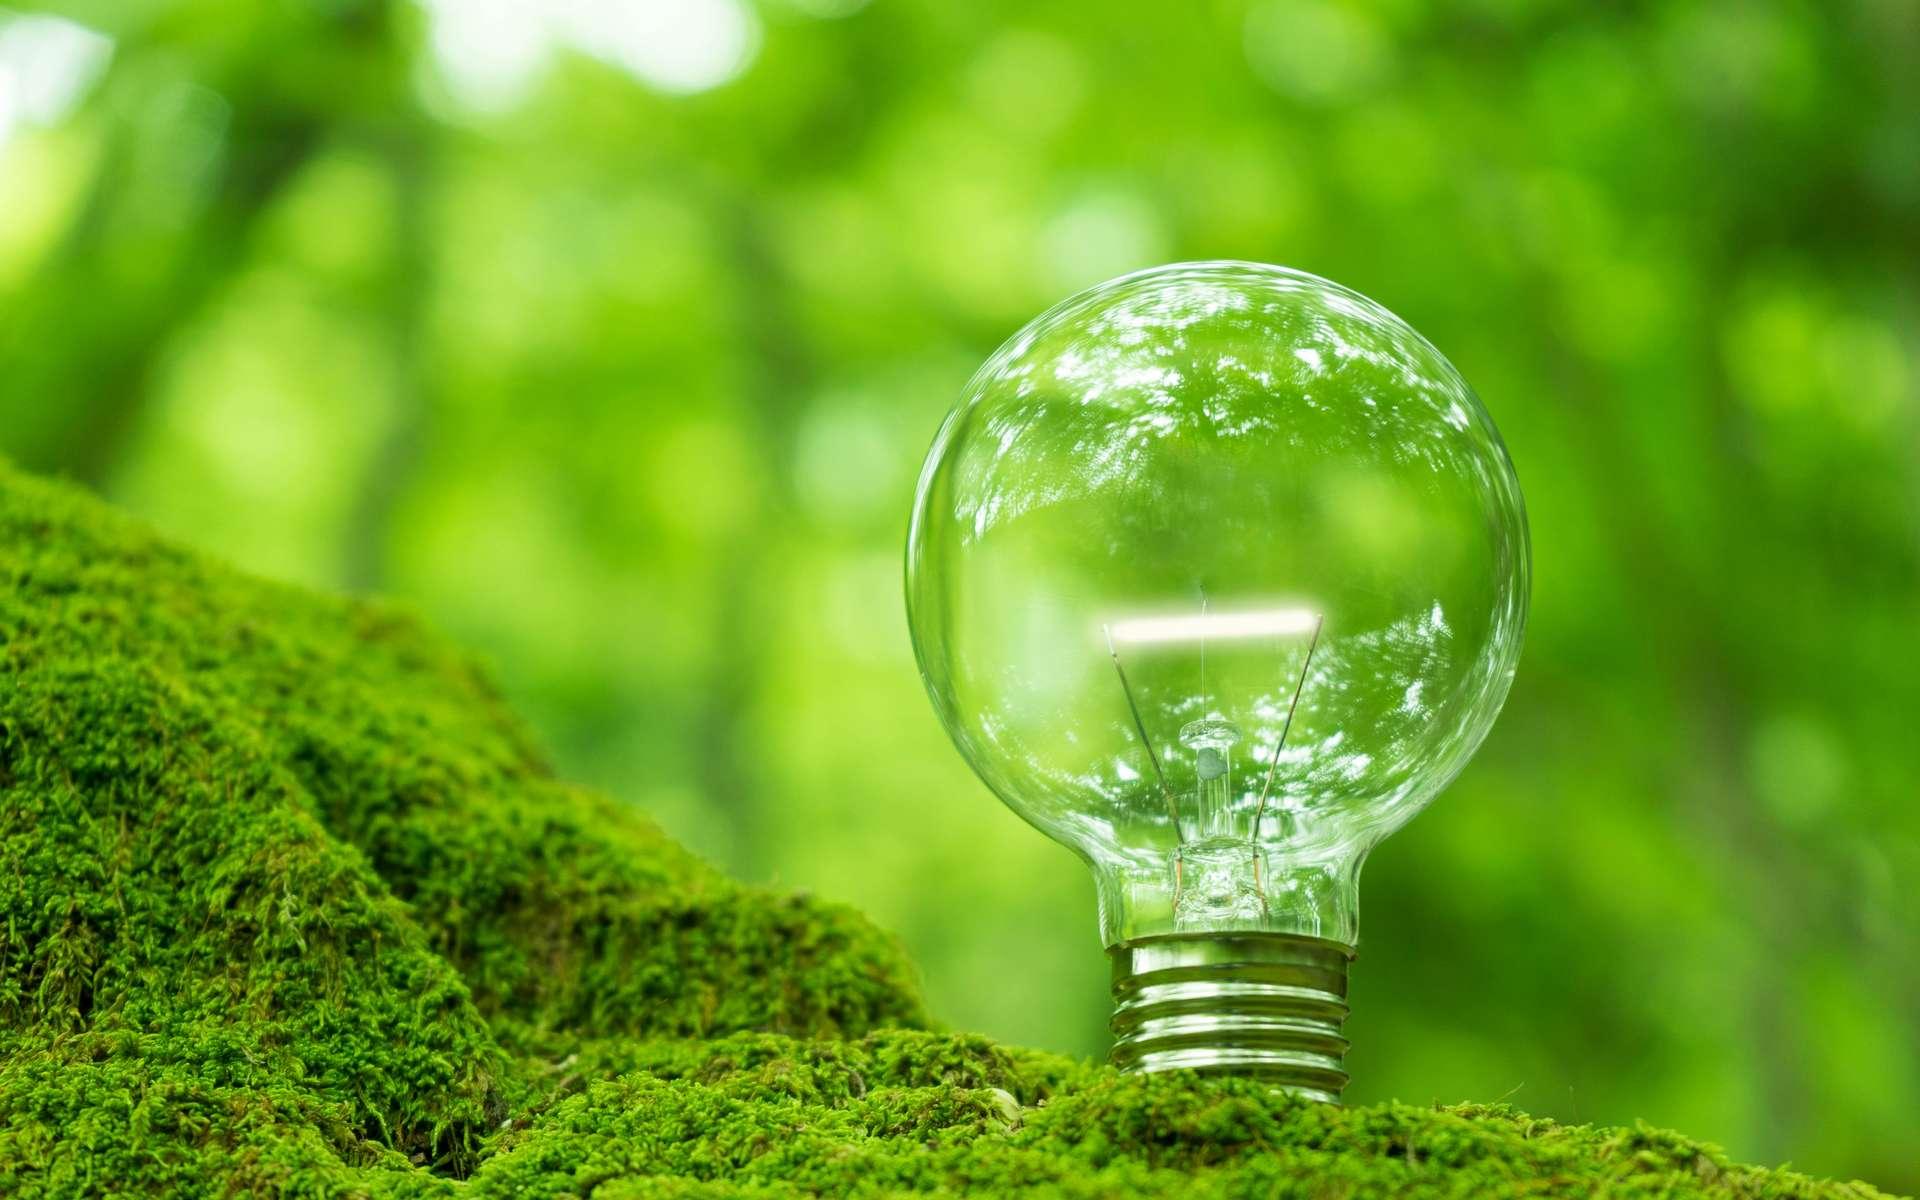 Leader dans les énergies bas carbone, EDF est convaincu que la collaboration avec les start-up fera émerger les solutions et les services innovants indispensables pour atteindre la neutralité carbone. © NOBU